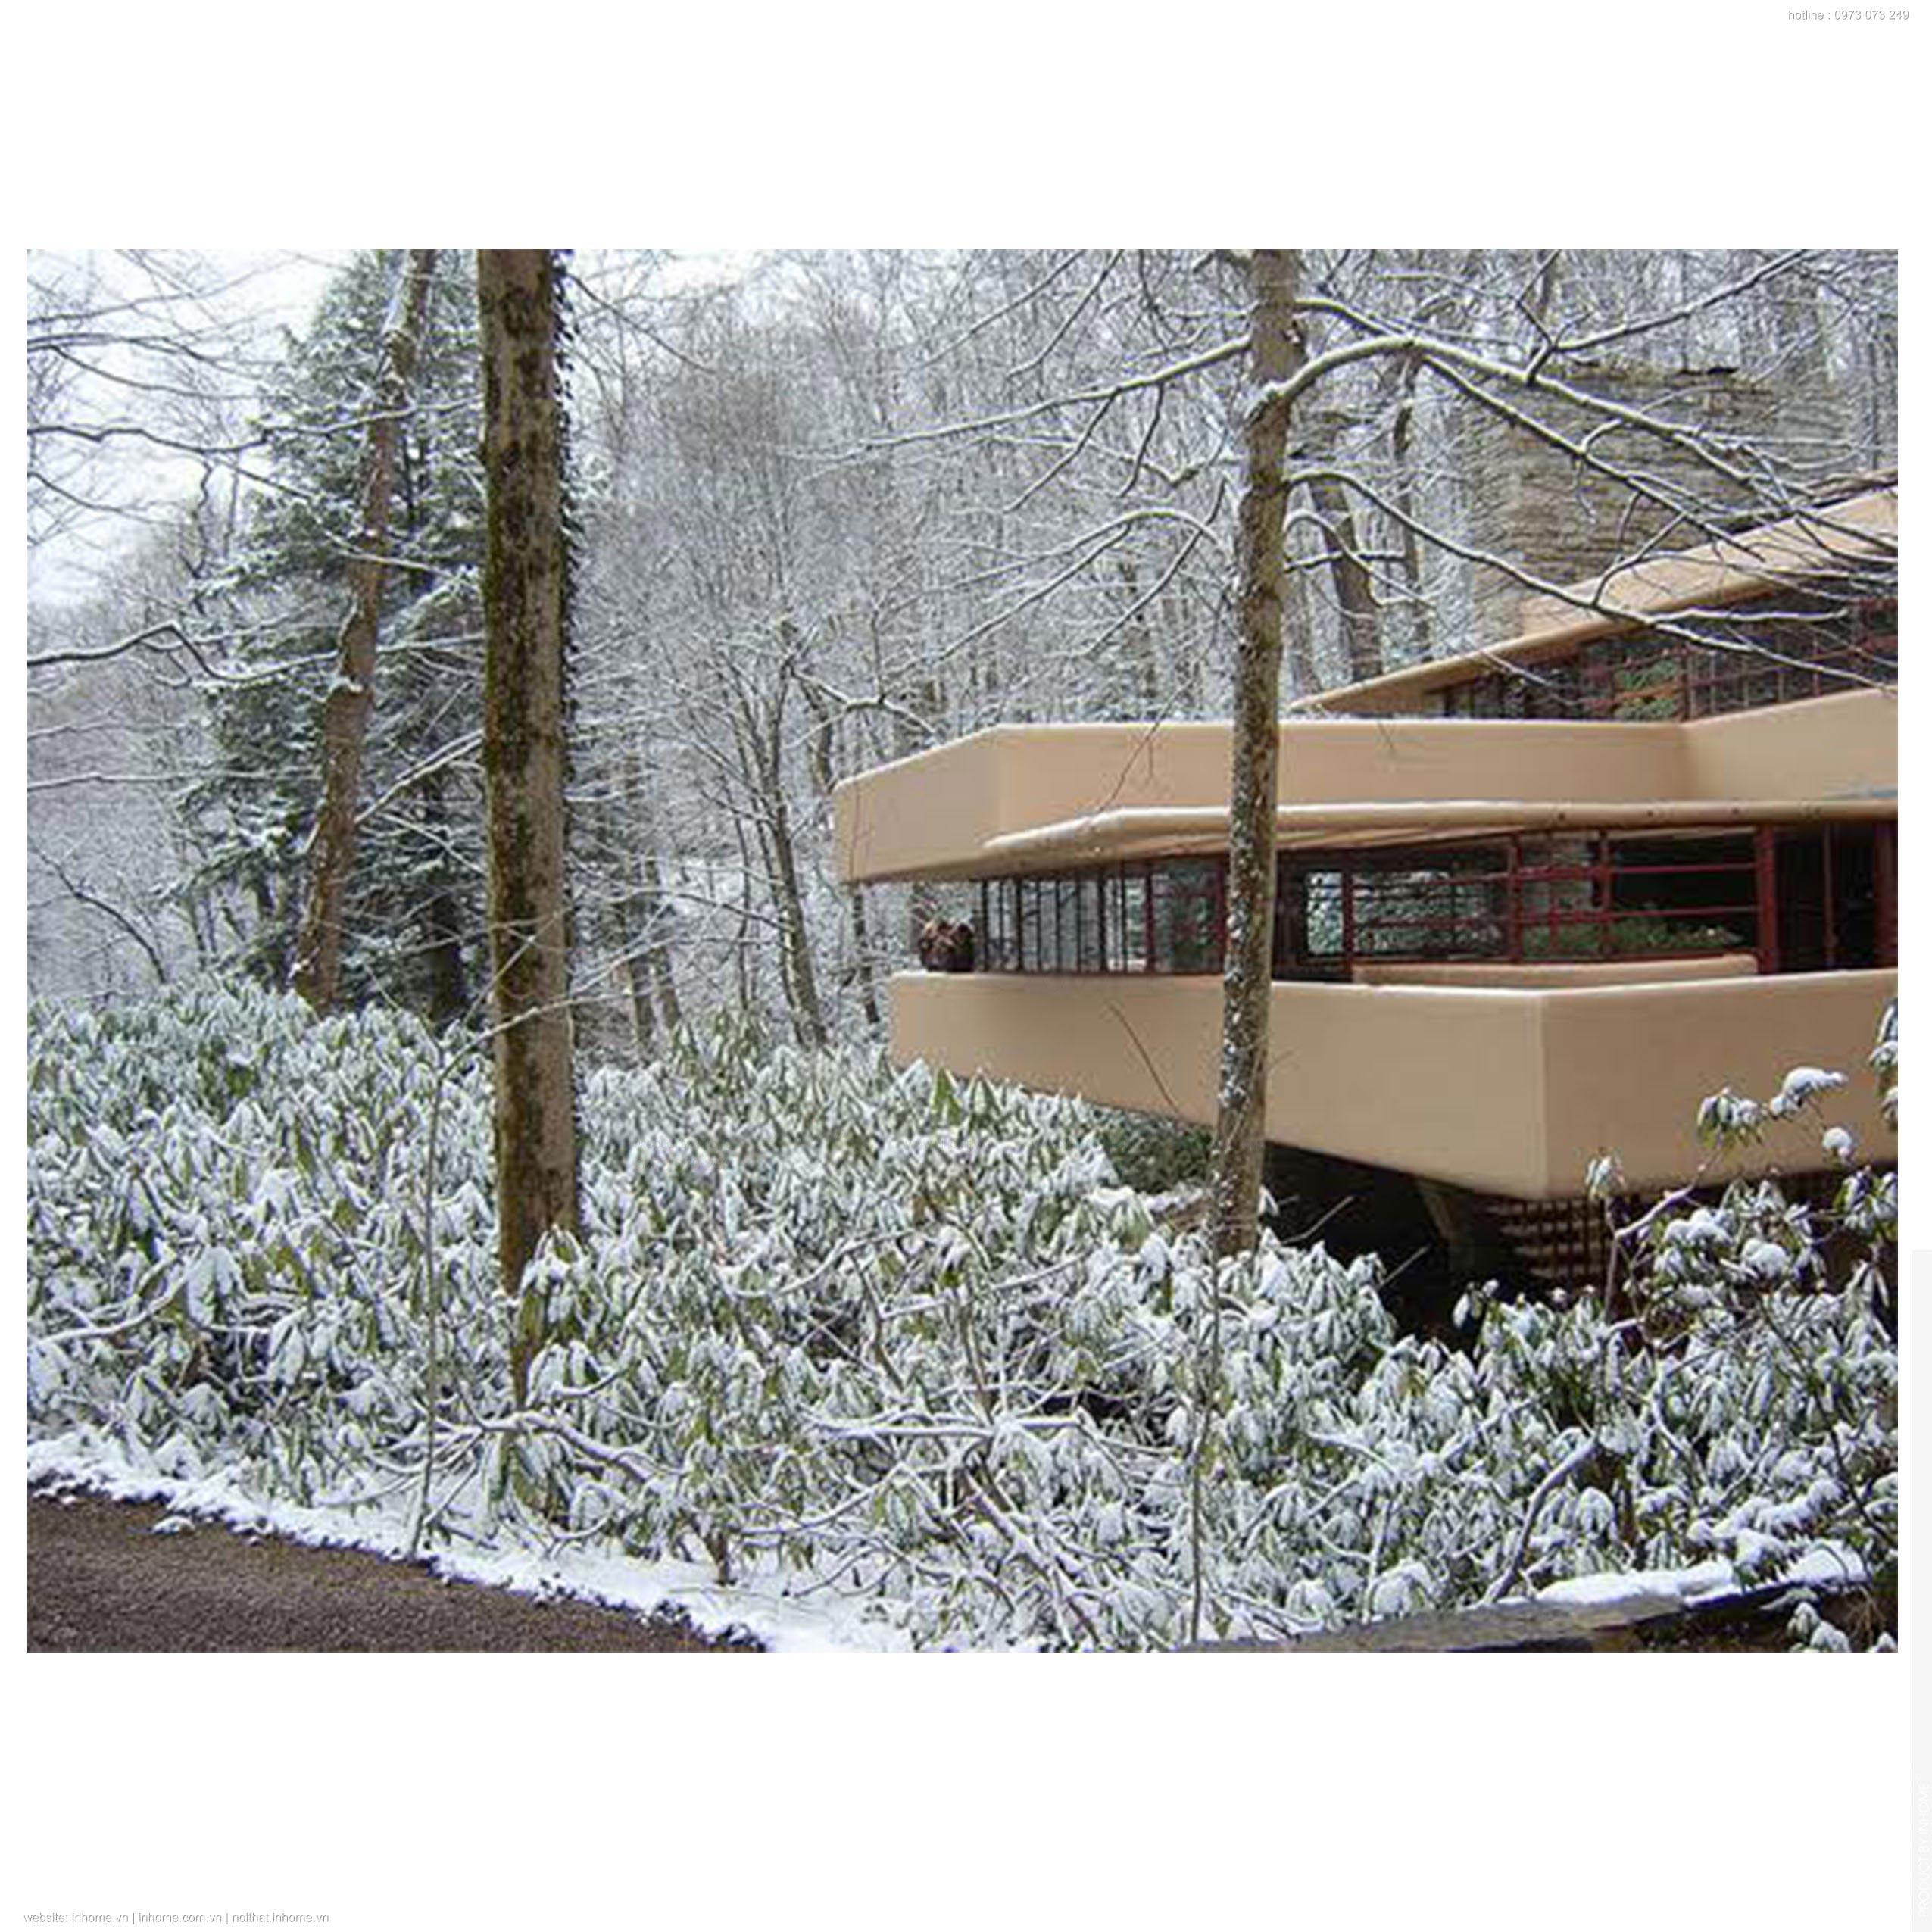 Sáng tạo thác nước của Frank Lloyd Wright trong thiết kế